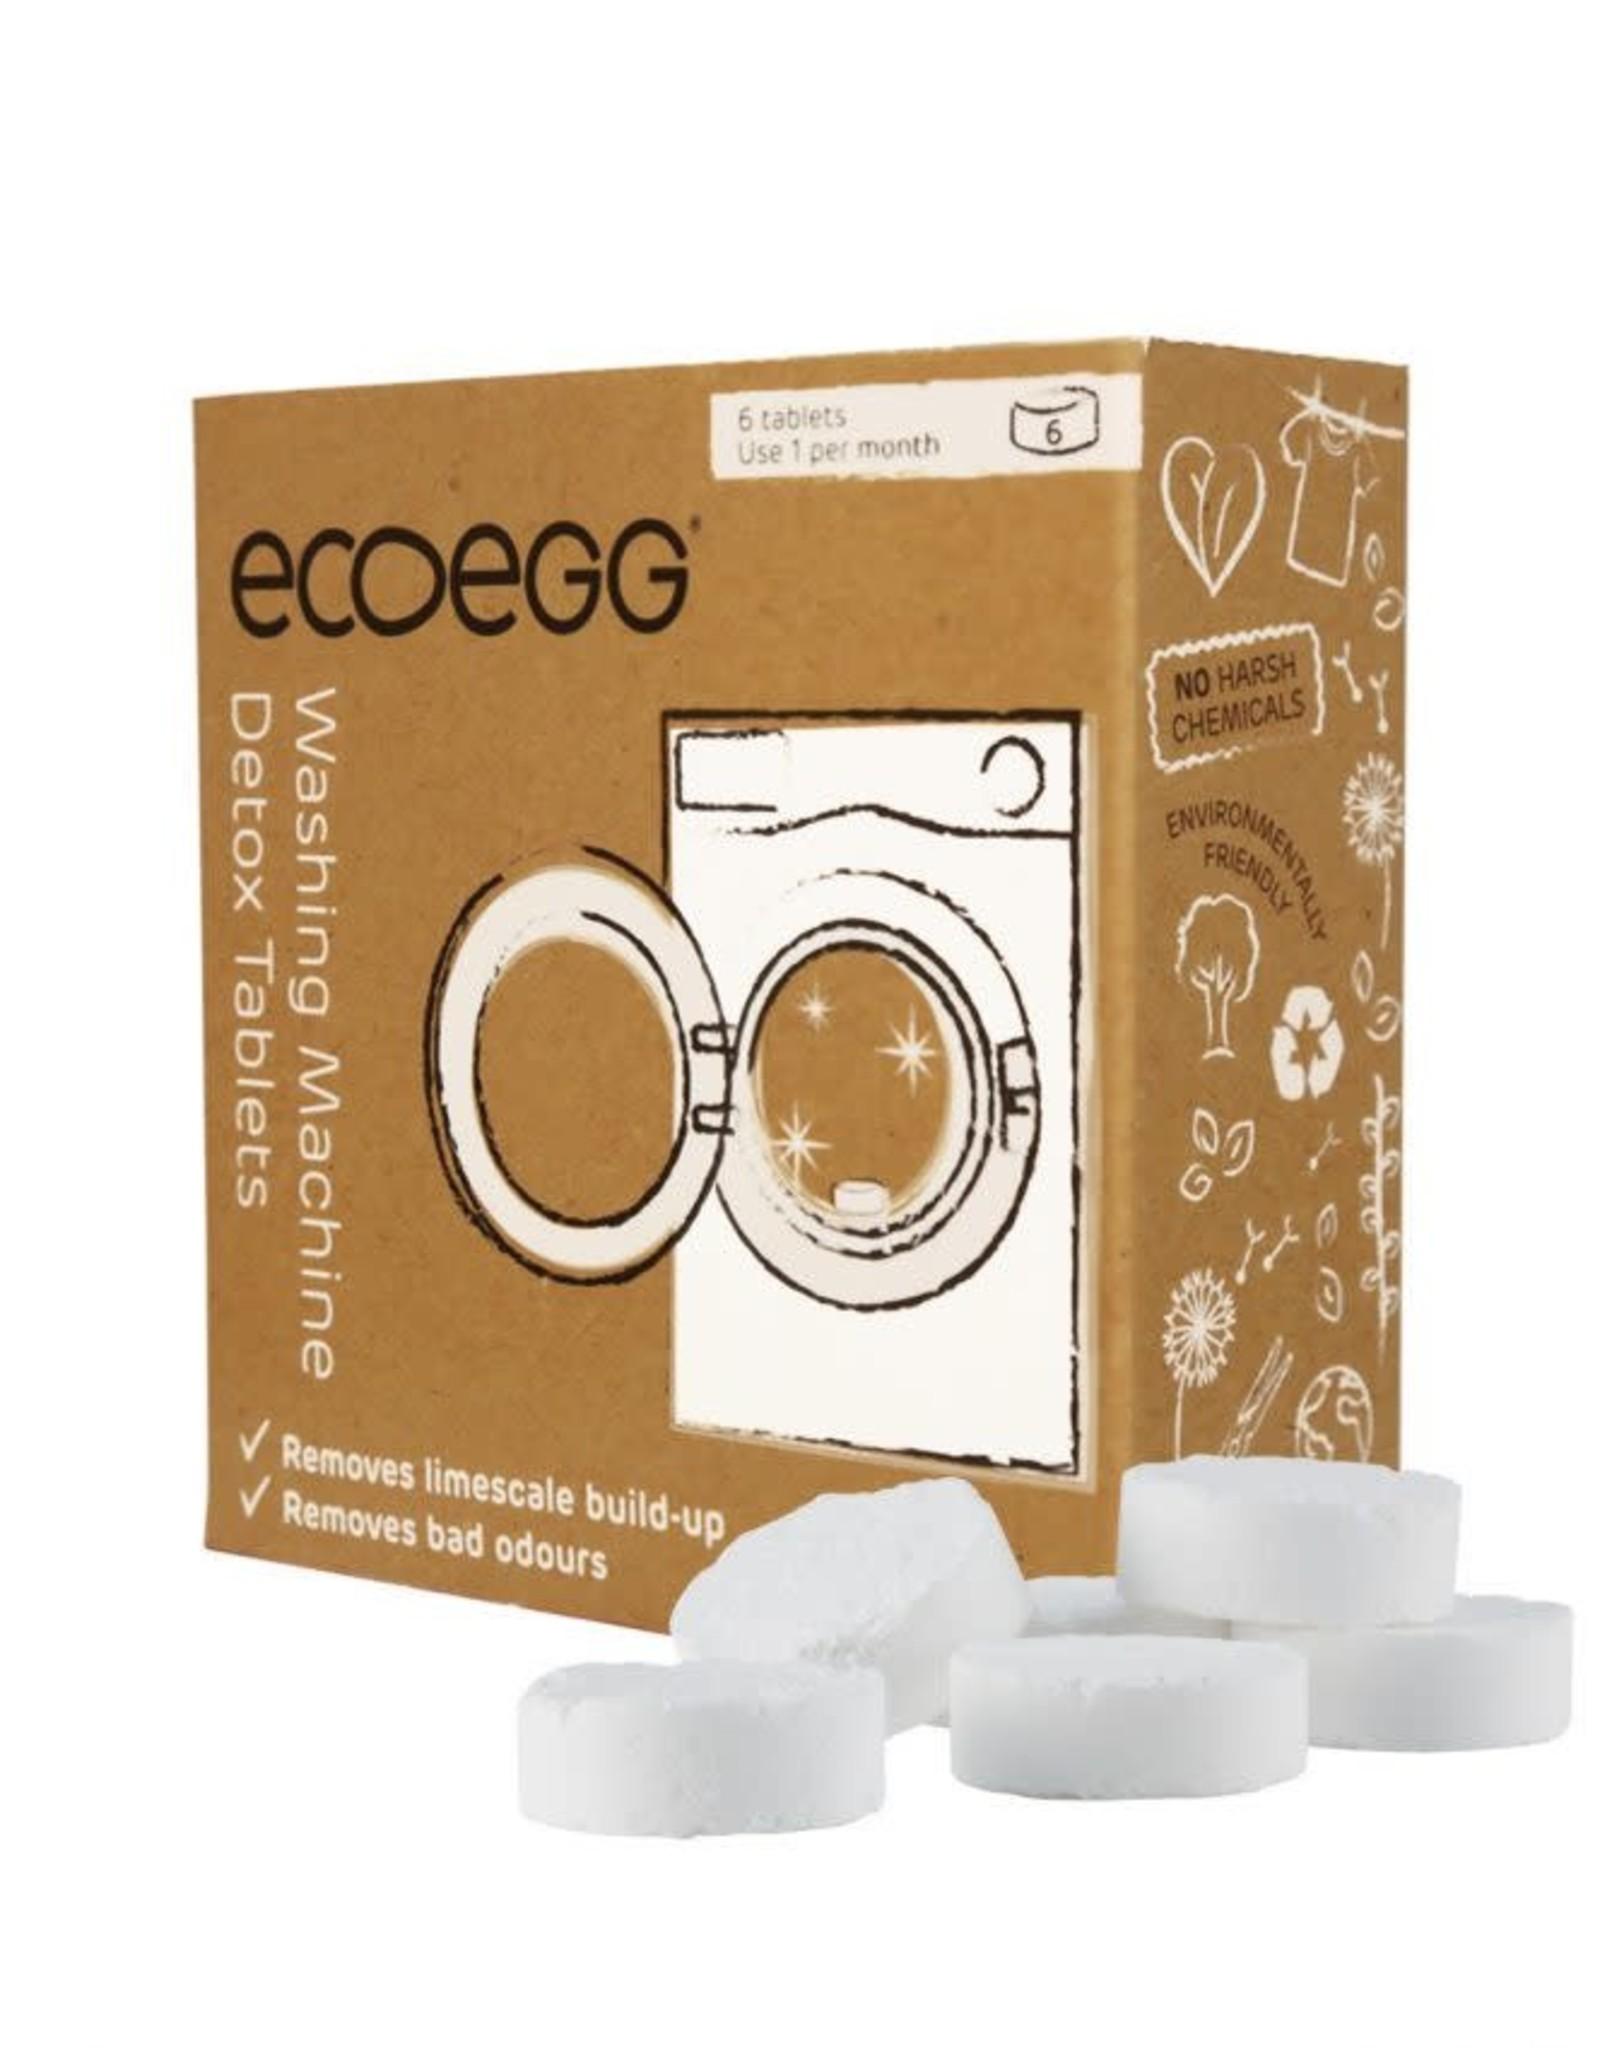 Ecoegg ecoegg Detox Tablets